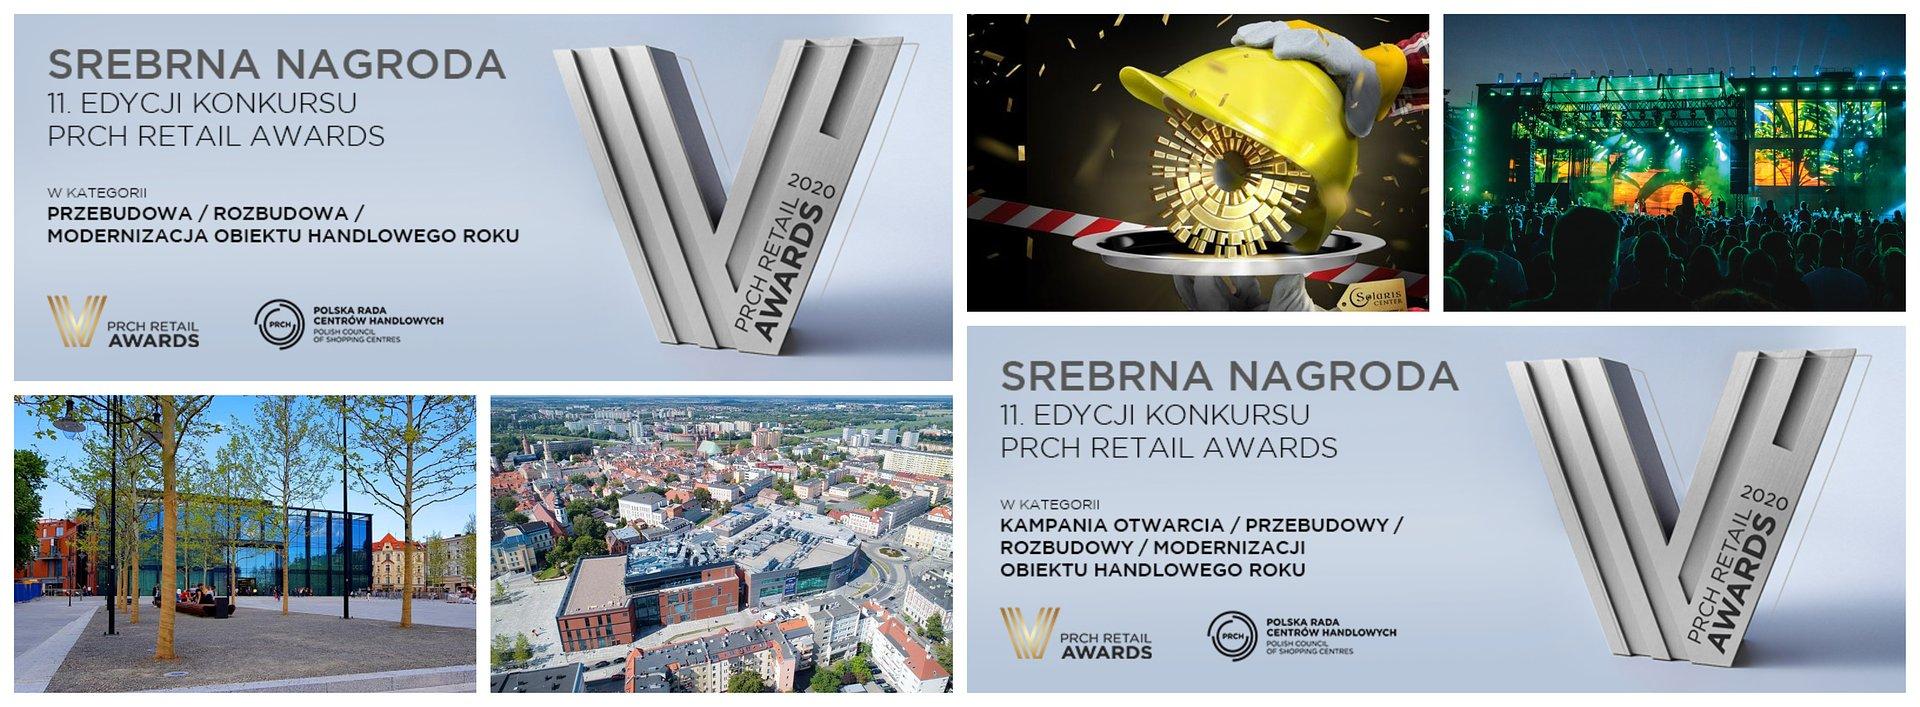 Przebudowa i re-otwarcie CH Solaris nagrodzone przez branżę handlową